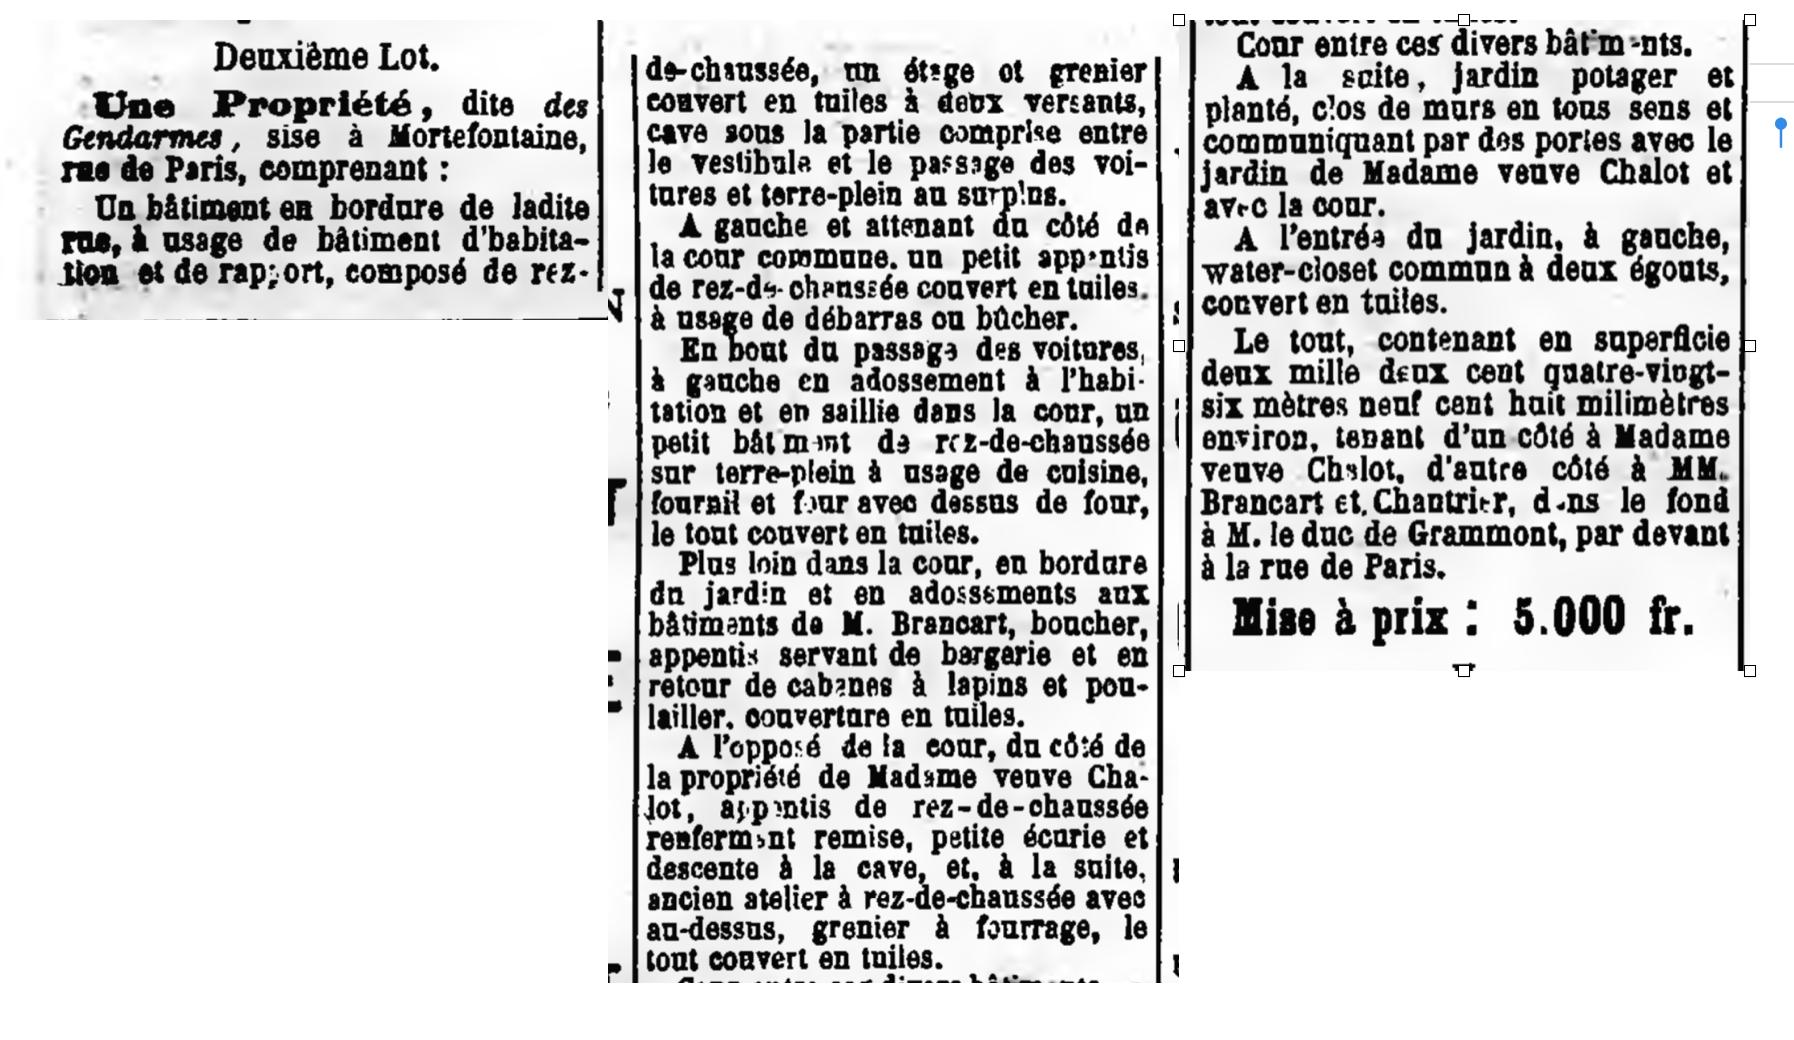 Extrait publication de vente aux enchères maison des Gendarmes, Courrier de l'Oise, 28 Décembre 1902 - Challenge AZ lettre G